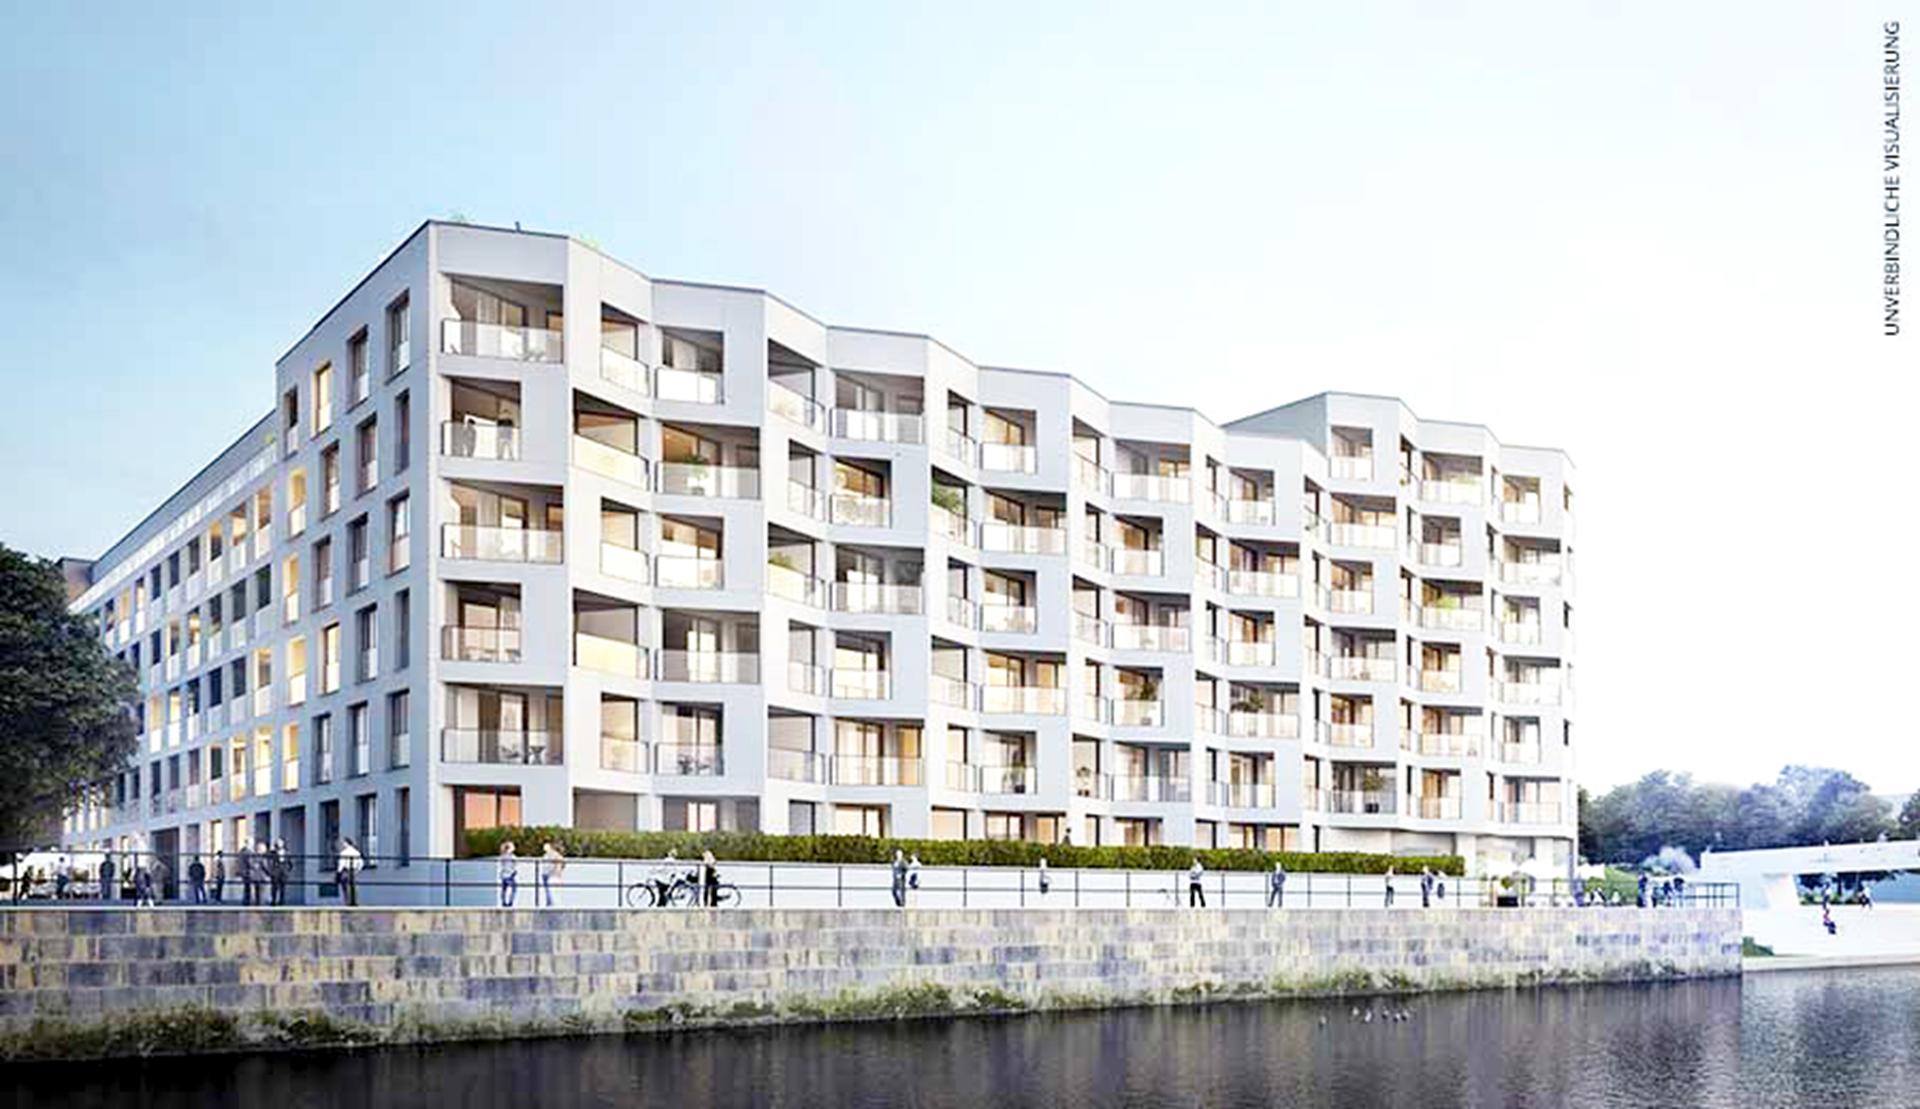 Europacity Stadthafenquartier BF 7 | Berlin Fliesendesign BFD